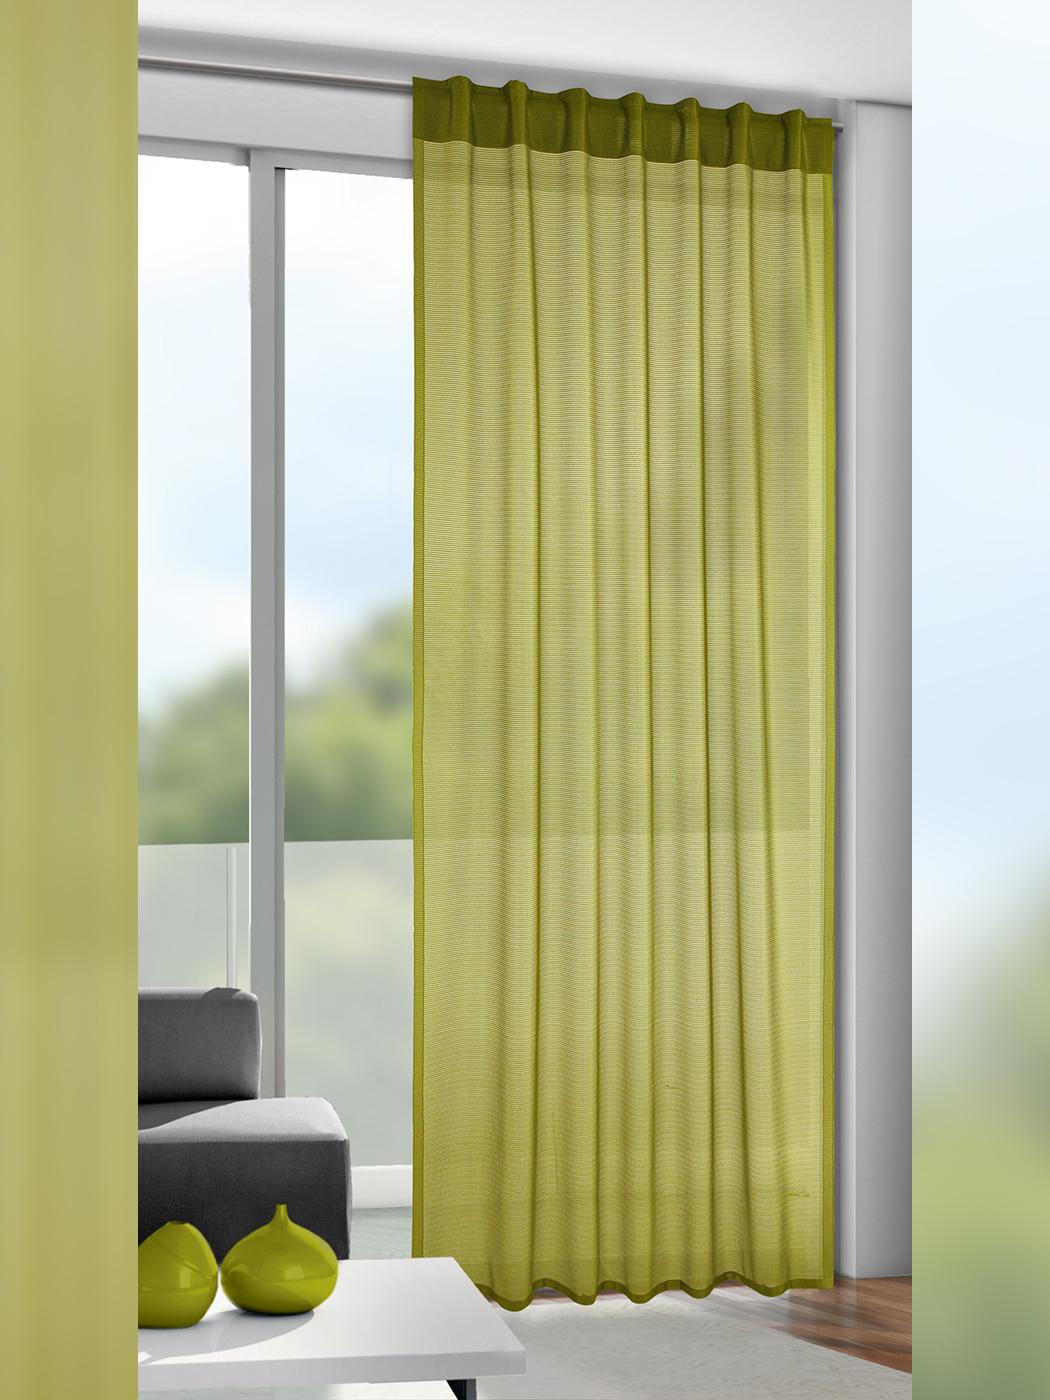 Full Size of Moderne Gardinen Einfarbig Grn Outlet Fenster Scheibengardinen Küche Bilder Fürs Wohnzimmer Für Schlafzimmer Esstische Duschen Deckenleuchte Modernes Bett Wohnzimmer Moderne Gardinen